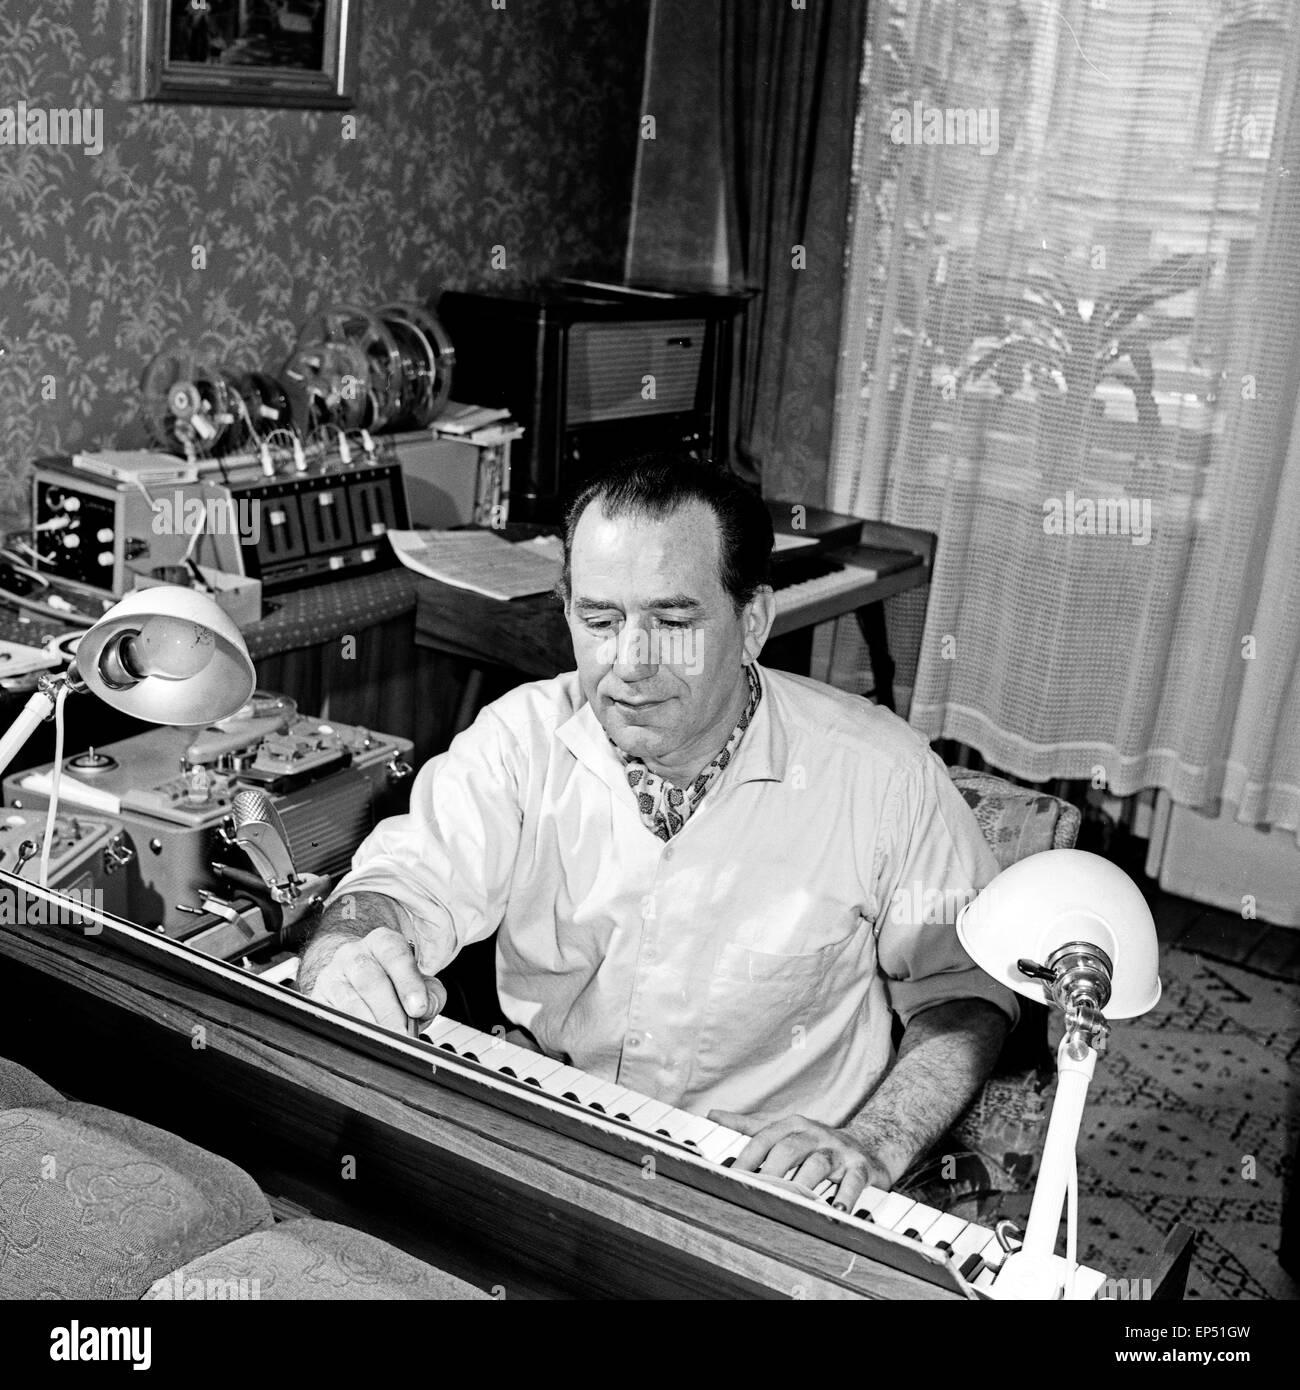 Komponist und Toningenieur arbeitet für den NDR in Hamburg, Deutschland 1960er Jahre. Composer and sound engineer Stock Photo